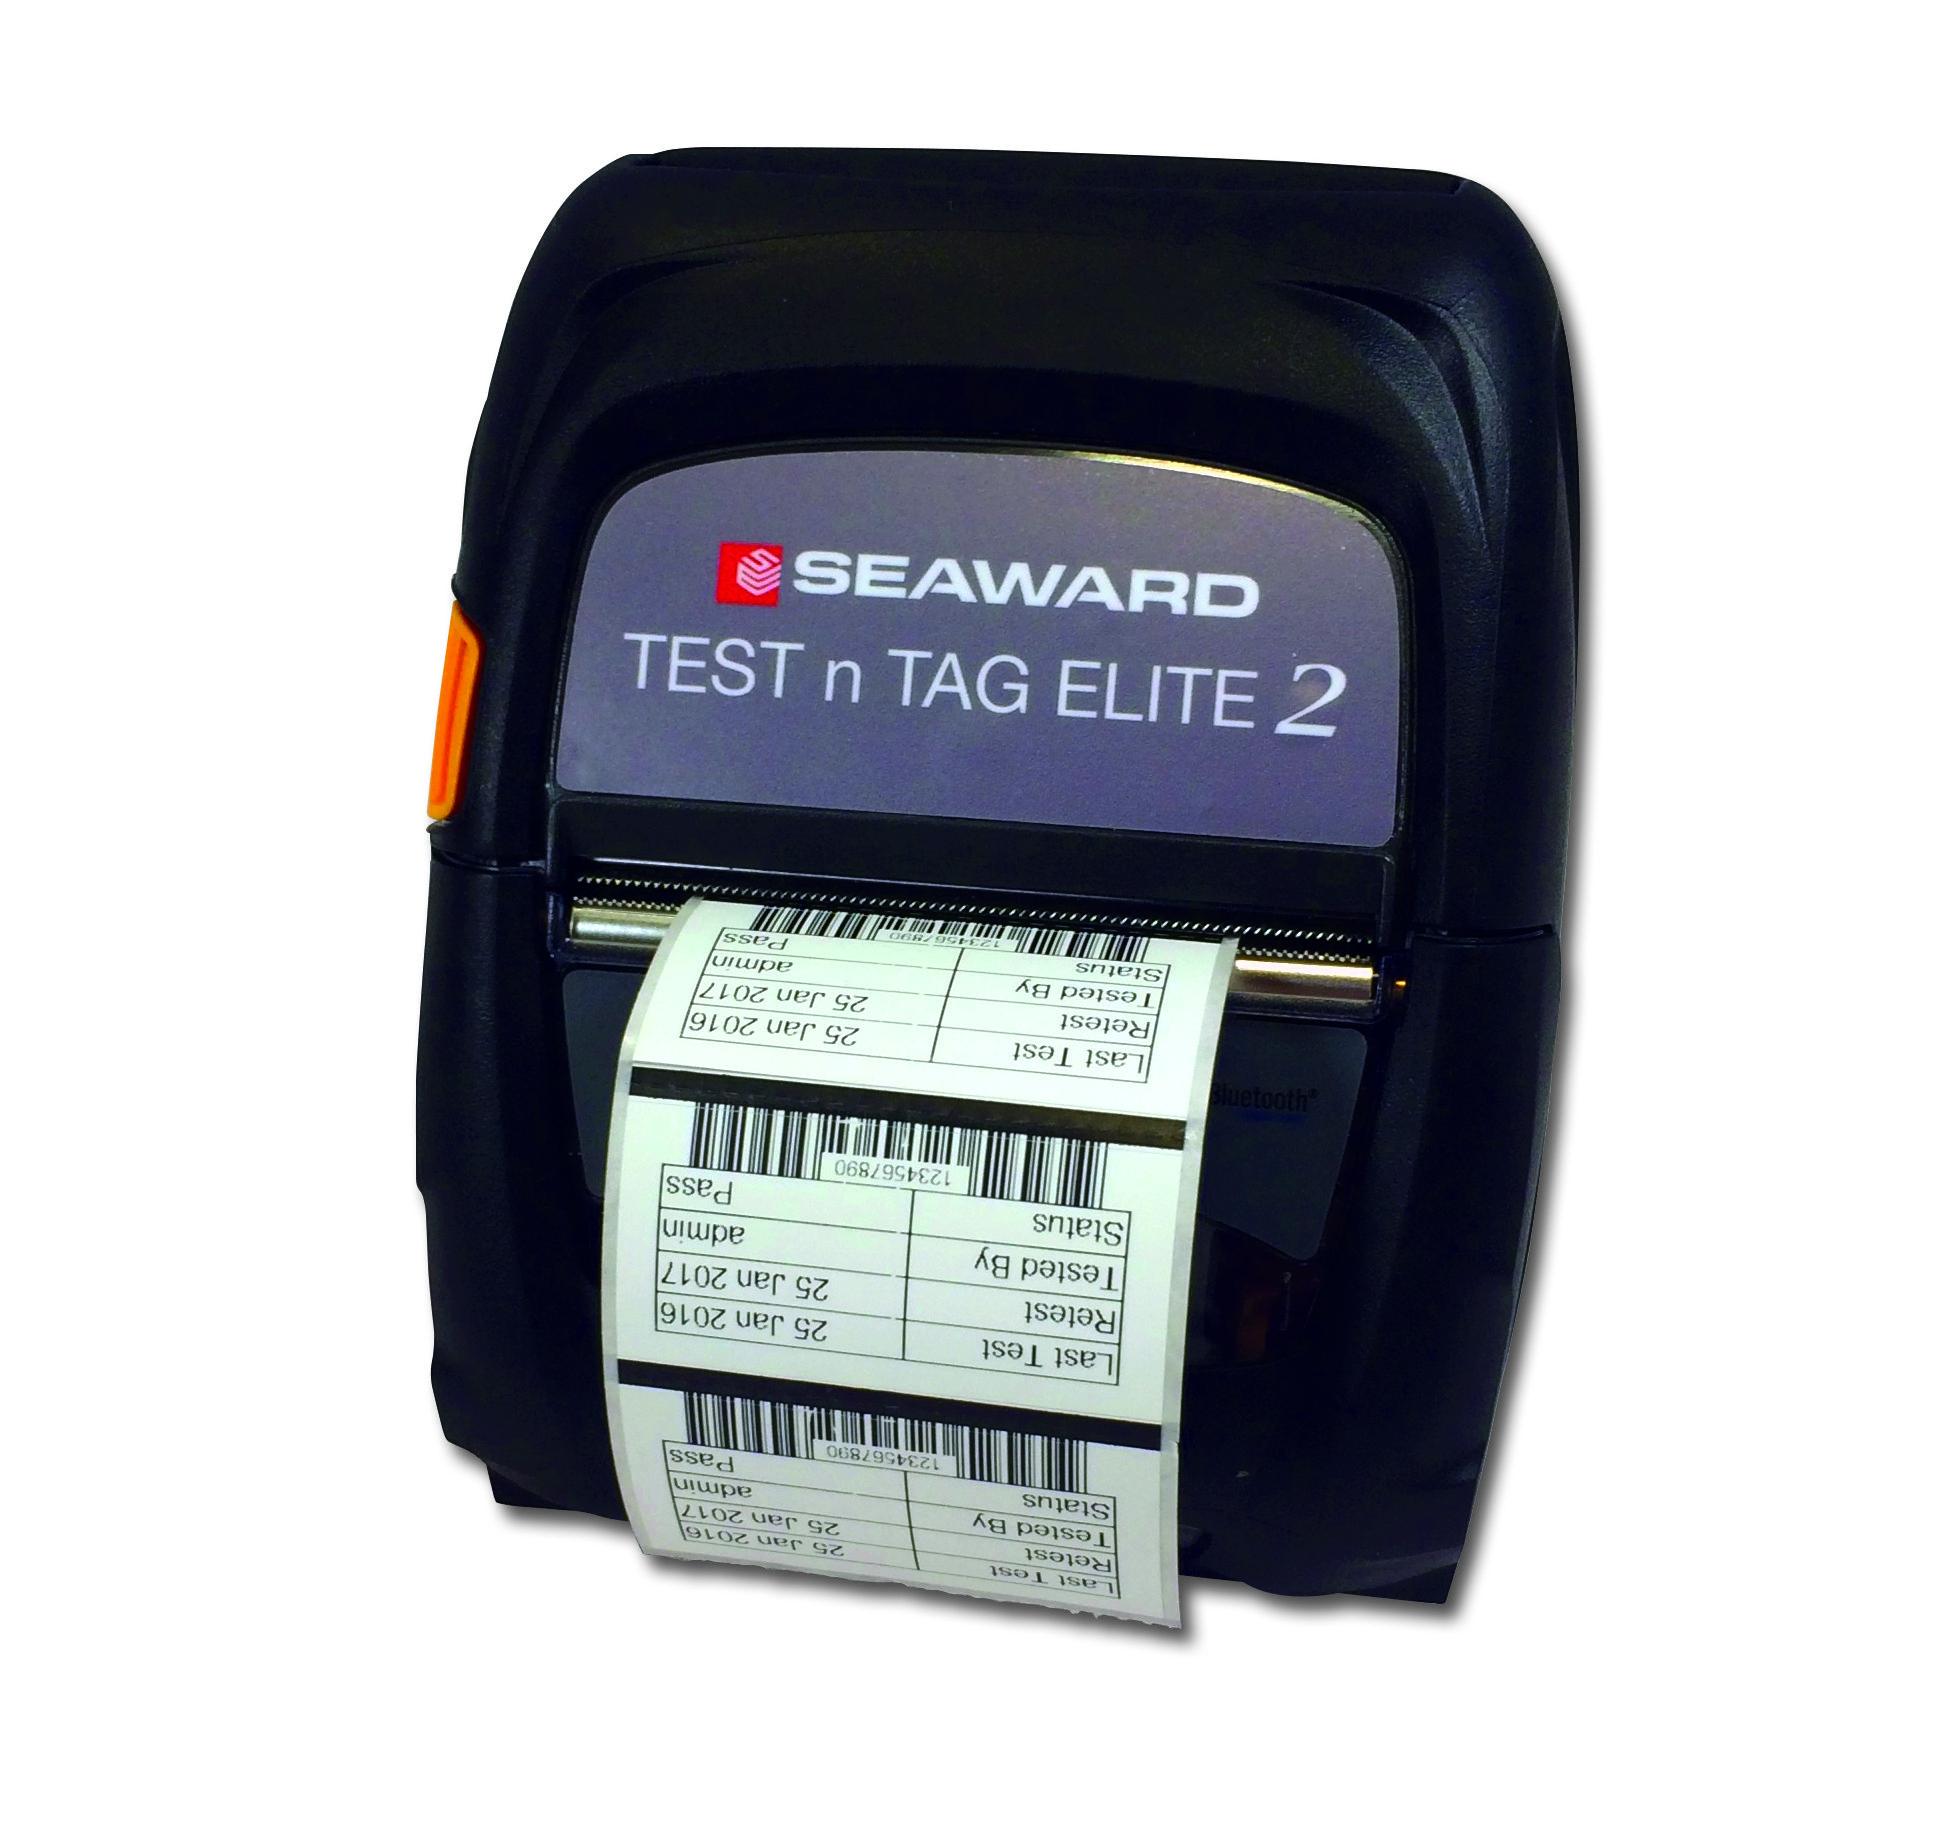 Test n Tag Elite 2 printer - Hi Res - Di-LOG